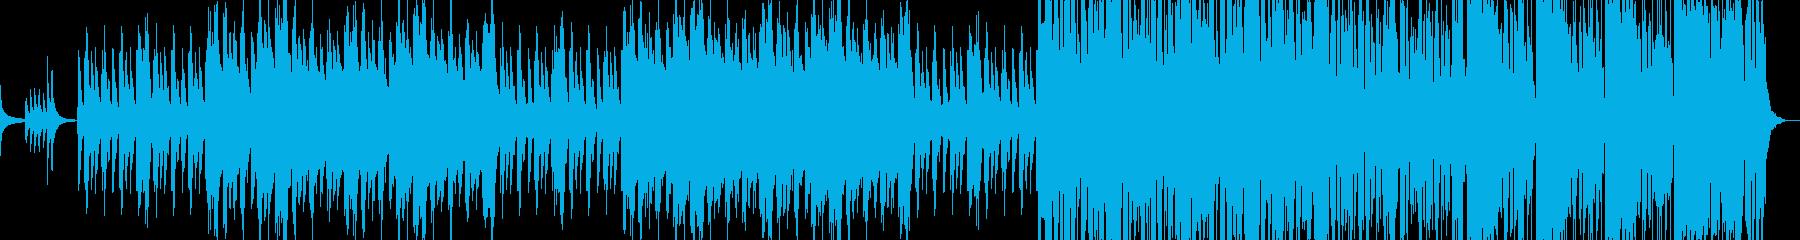 正月に合う和風の曲の再生済みの波形